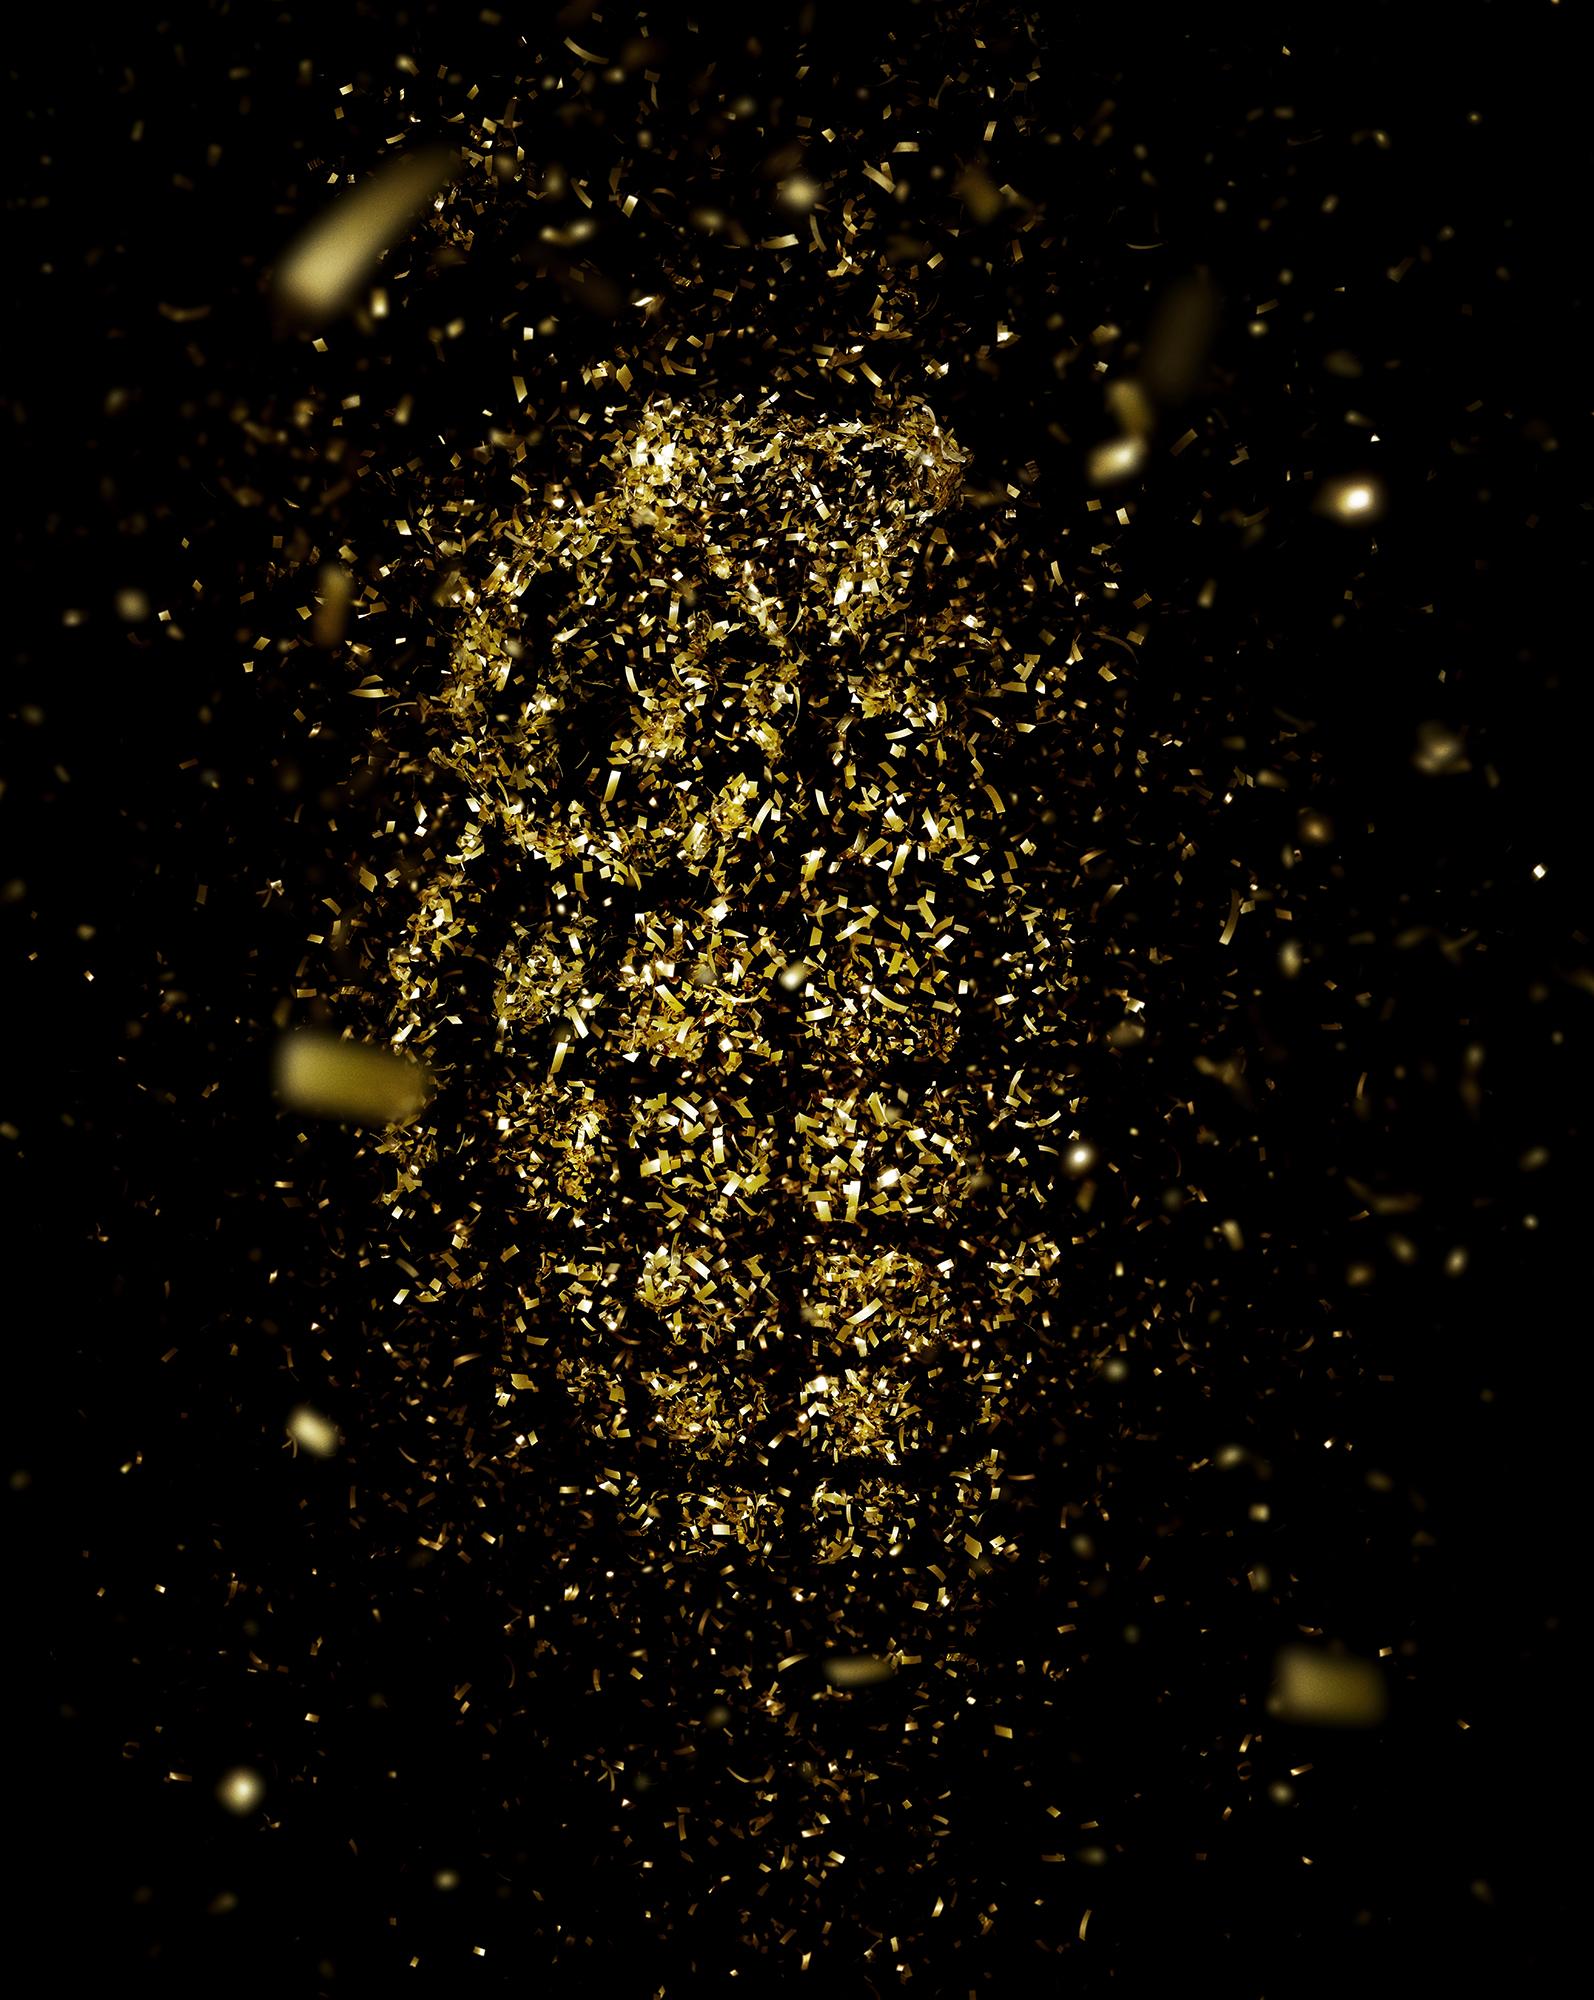 Grenade3 FINAL.jpg